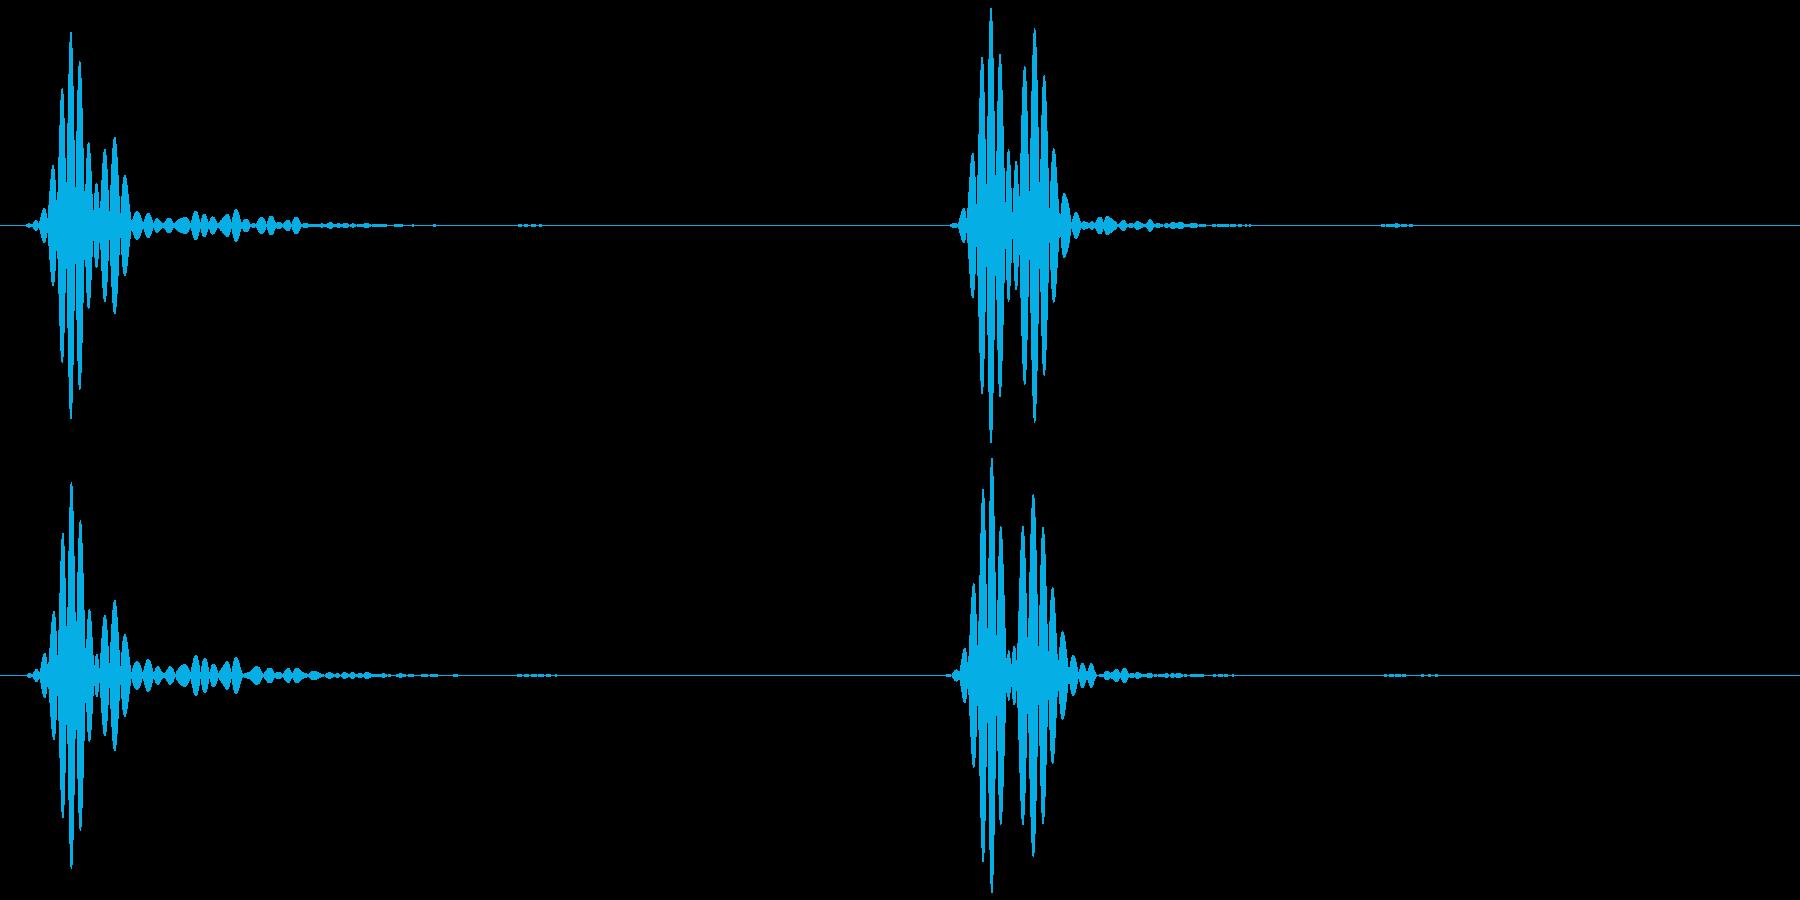 心臓の音 (ドックッ ゆっくり)の再生済みの波形